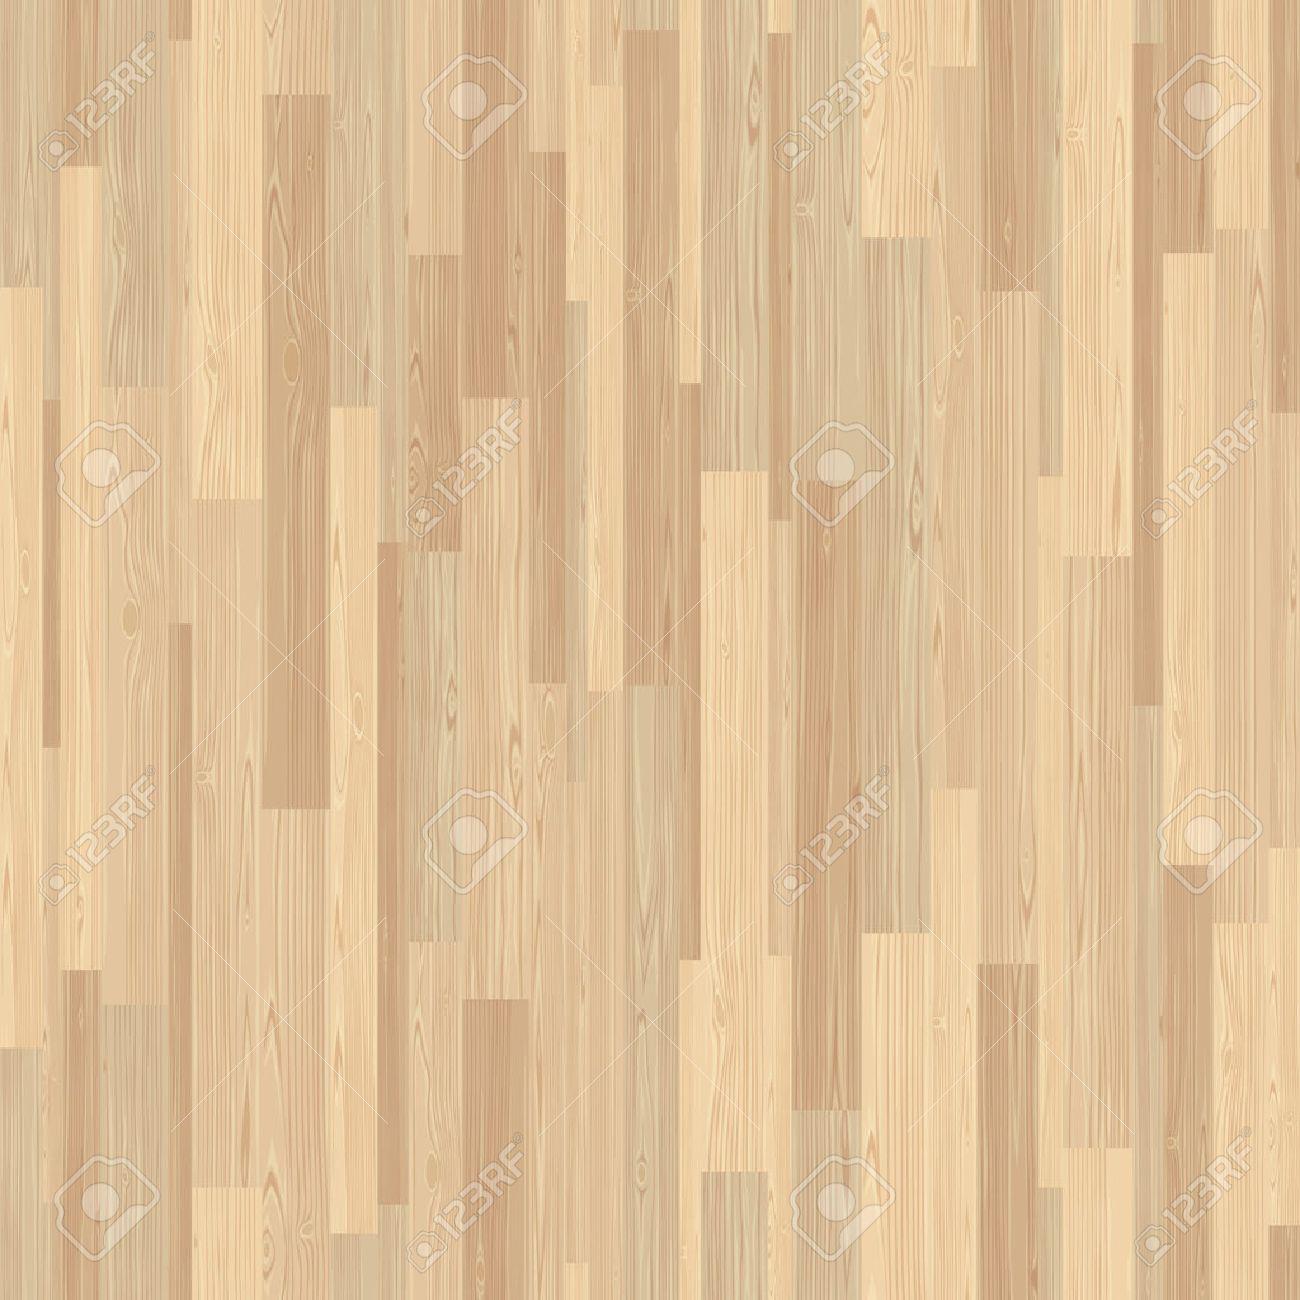 parqu claro sin fisuras suelo de madera del mosaico estriado de baldosas editable patrn de